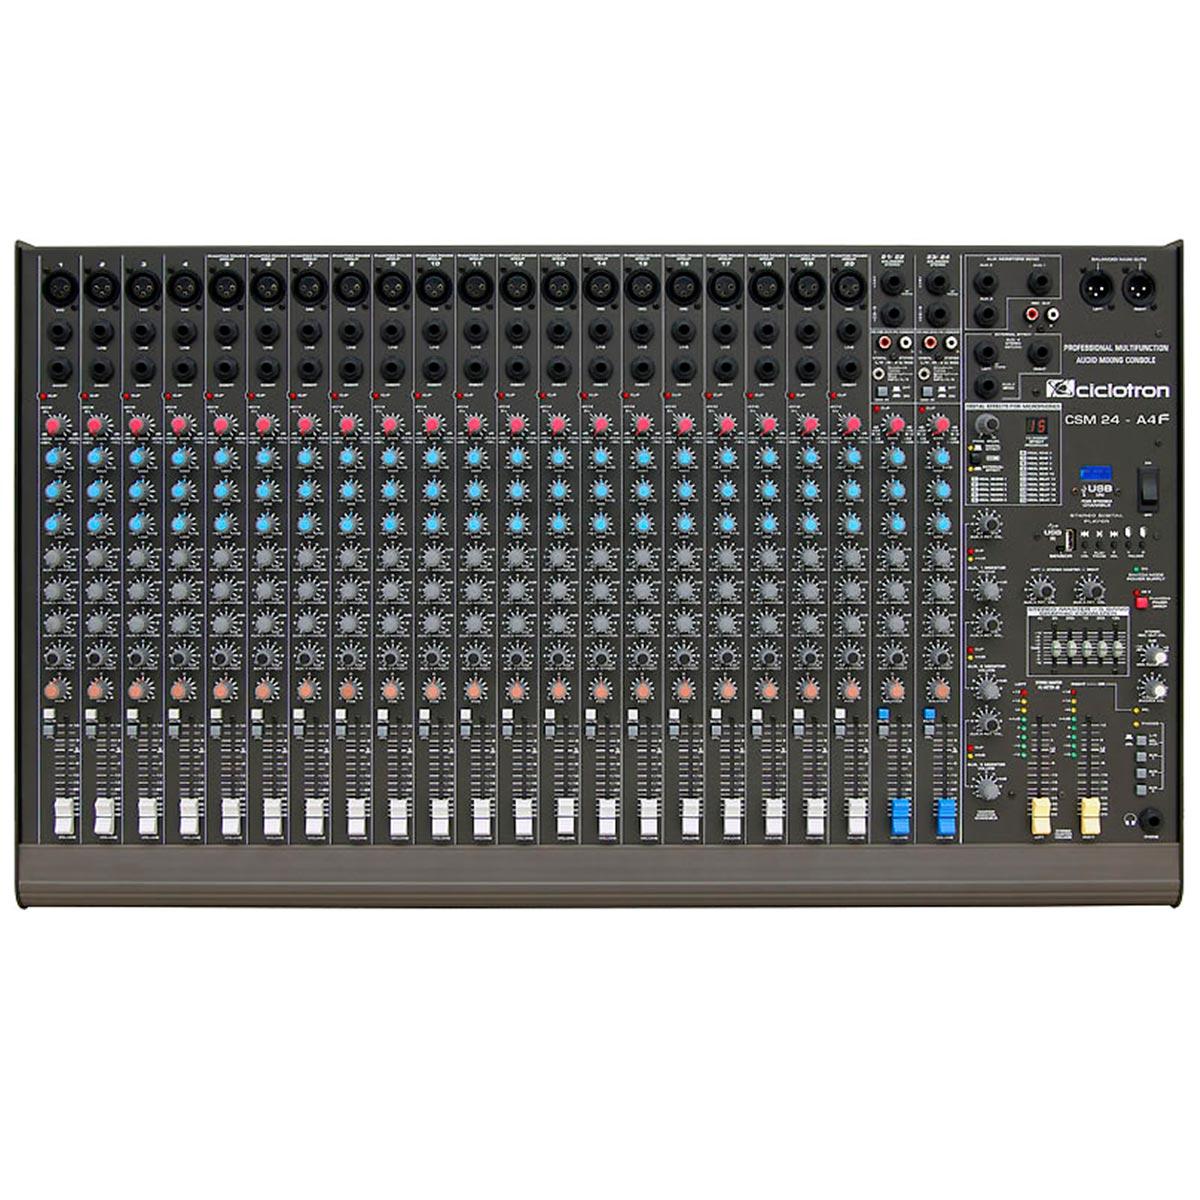 Mesa de Som 24 Canais Balanceados (20 XLR + 4 P10) c/ USB Play / Efeito / Phantom / 3 Auxiliares - CSM 24 A 4 F Ciclotron